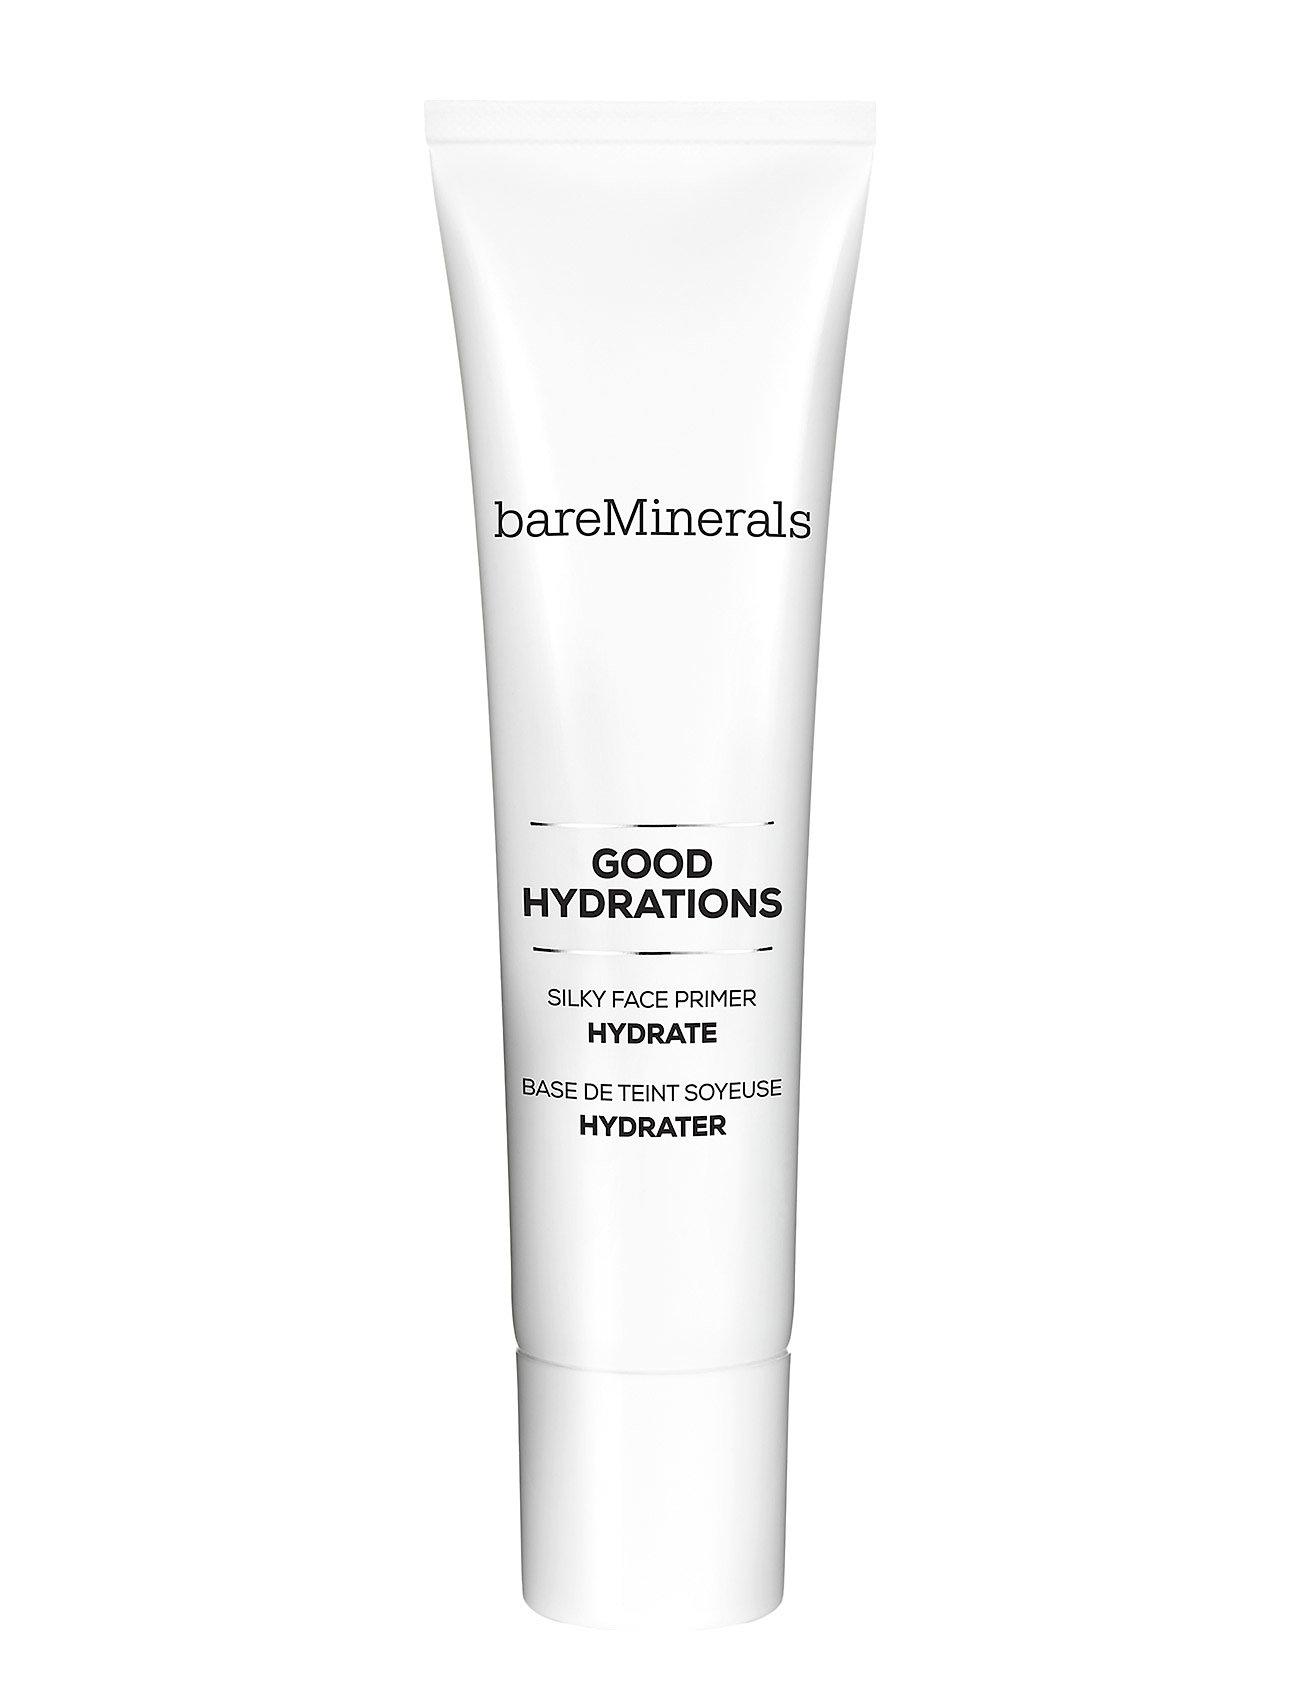 Image of Good Hydration Silky Face Primer Makeupprimer Makeup Multi/mønstret BareMinerals (3406150281)